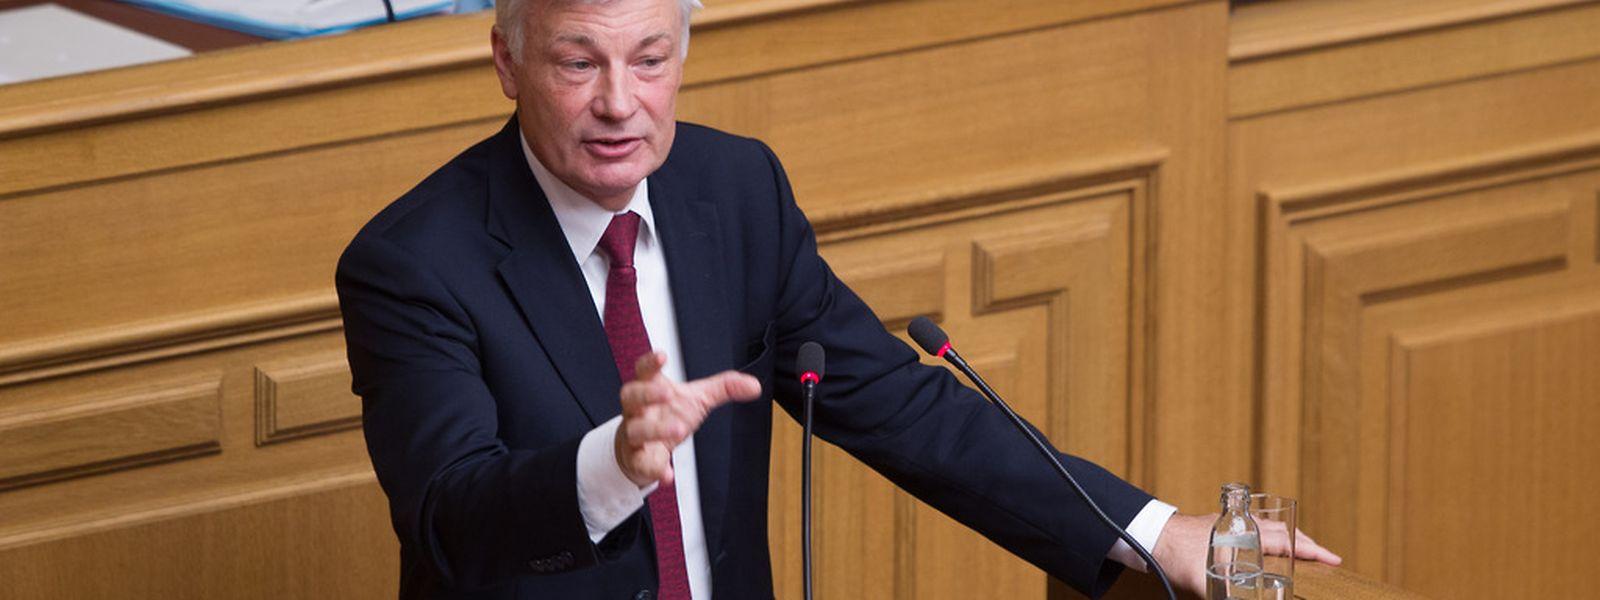 Der Ton in der Debatte um die Referendumsfragen wird schärfer: CSV-Fraktionschef Claude Wiseler sparte nicht mit Kritik an den Koalitionsparteien, die ihrerseits ihre Vorgehensweise vehement verteidigten.